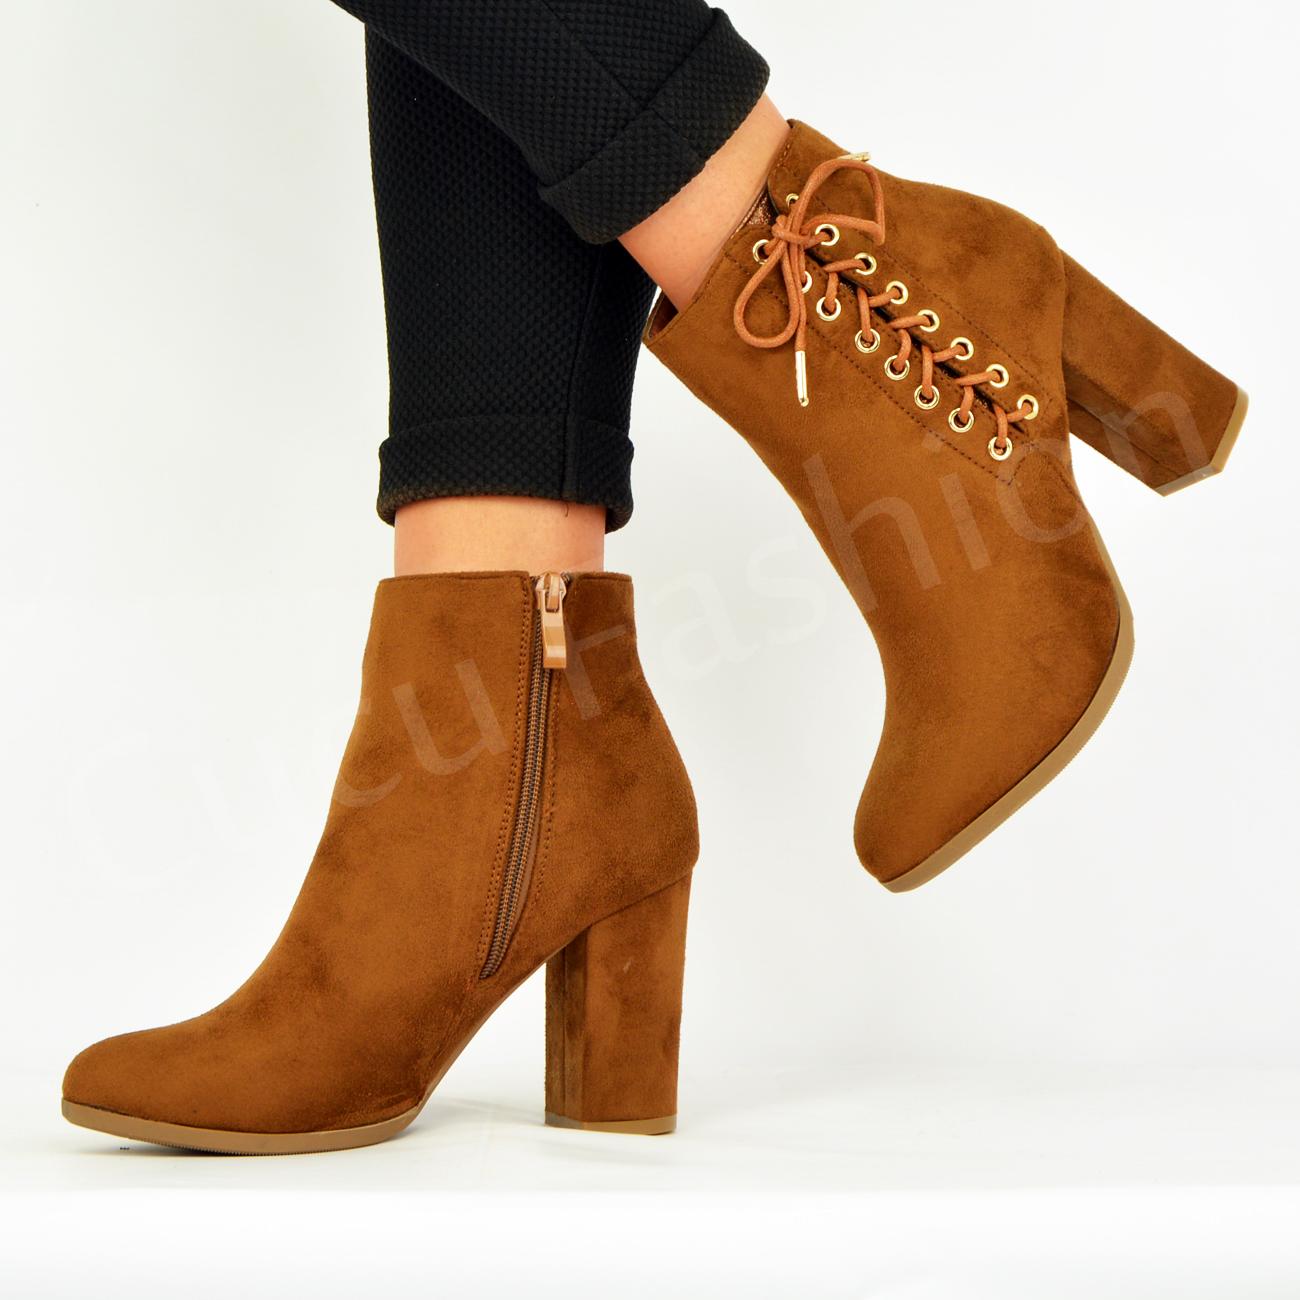 f59707a62 Nuevo Para Mujer Damas Botas al tobillo Botines Zapatos Taco de ...